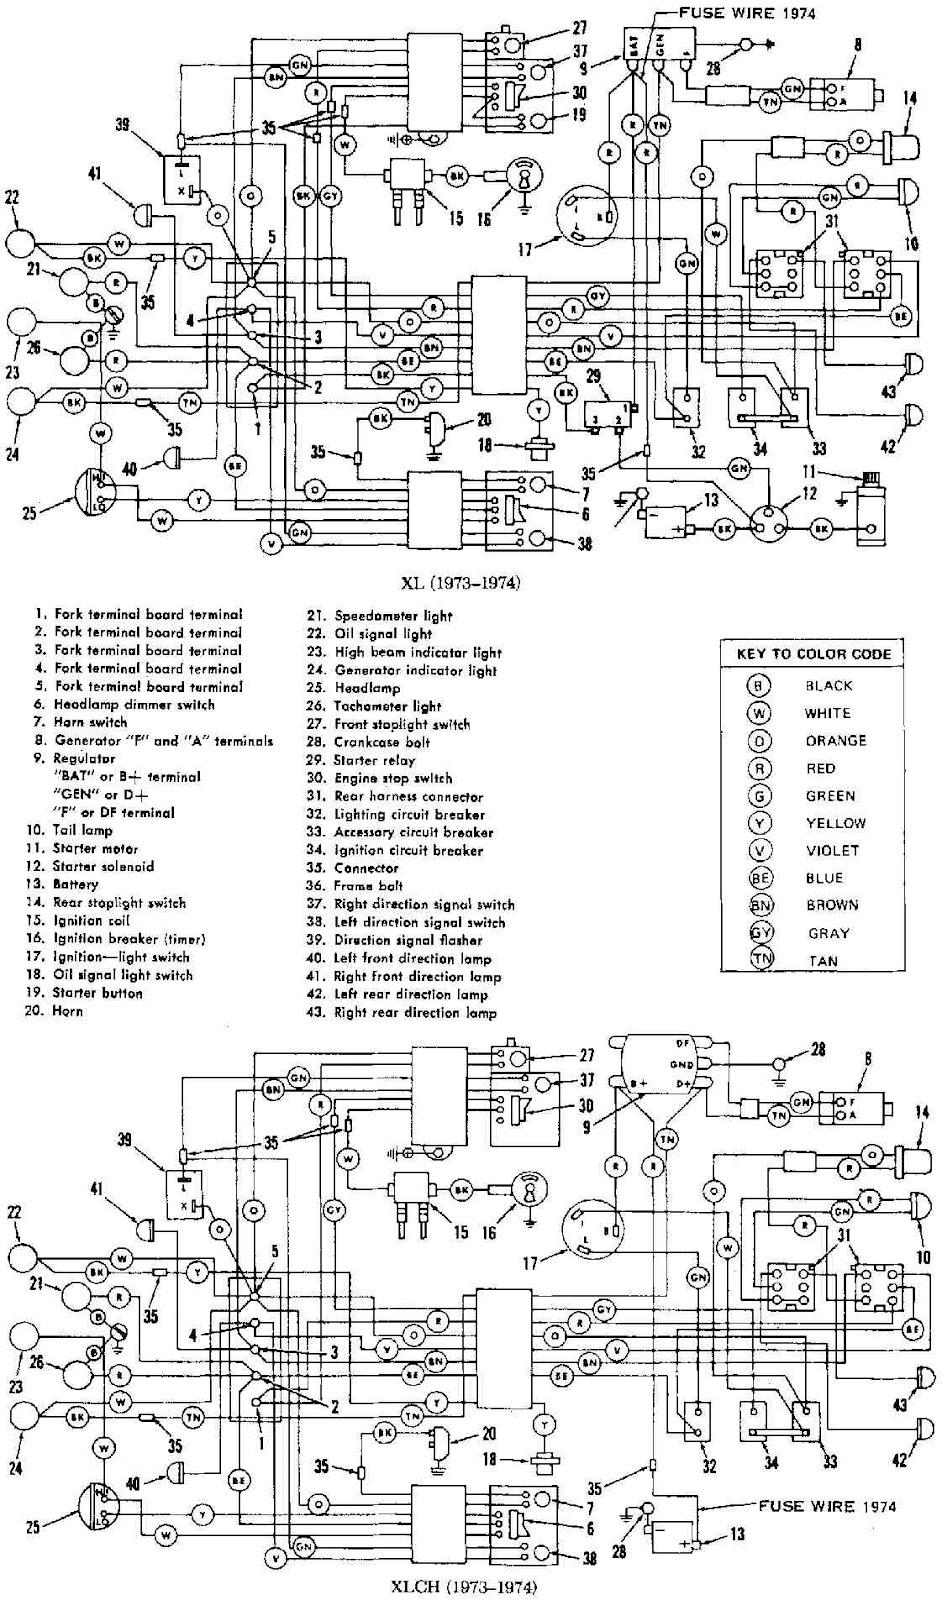 medium resolution of 2009 harley flh wiring diagram wiring library 1964 flh wiring diagram